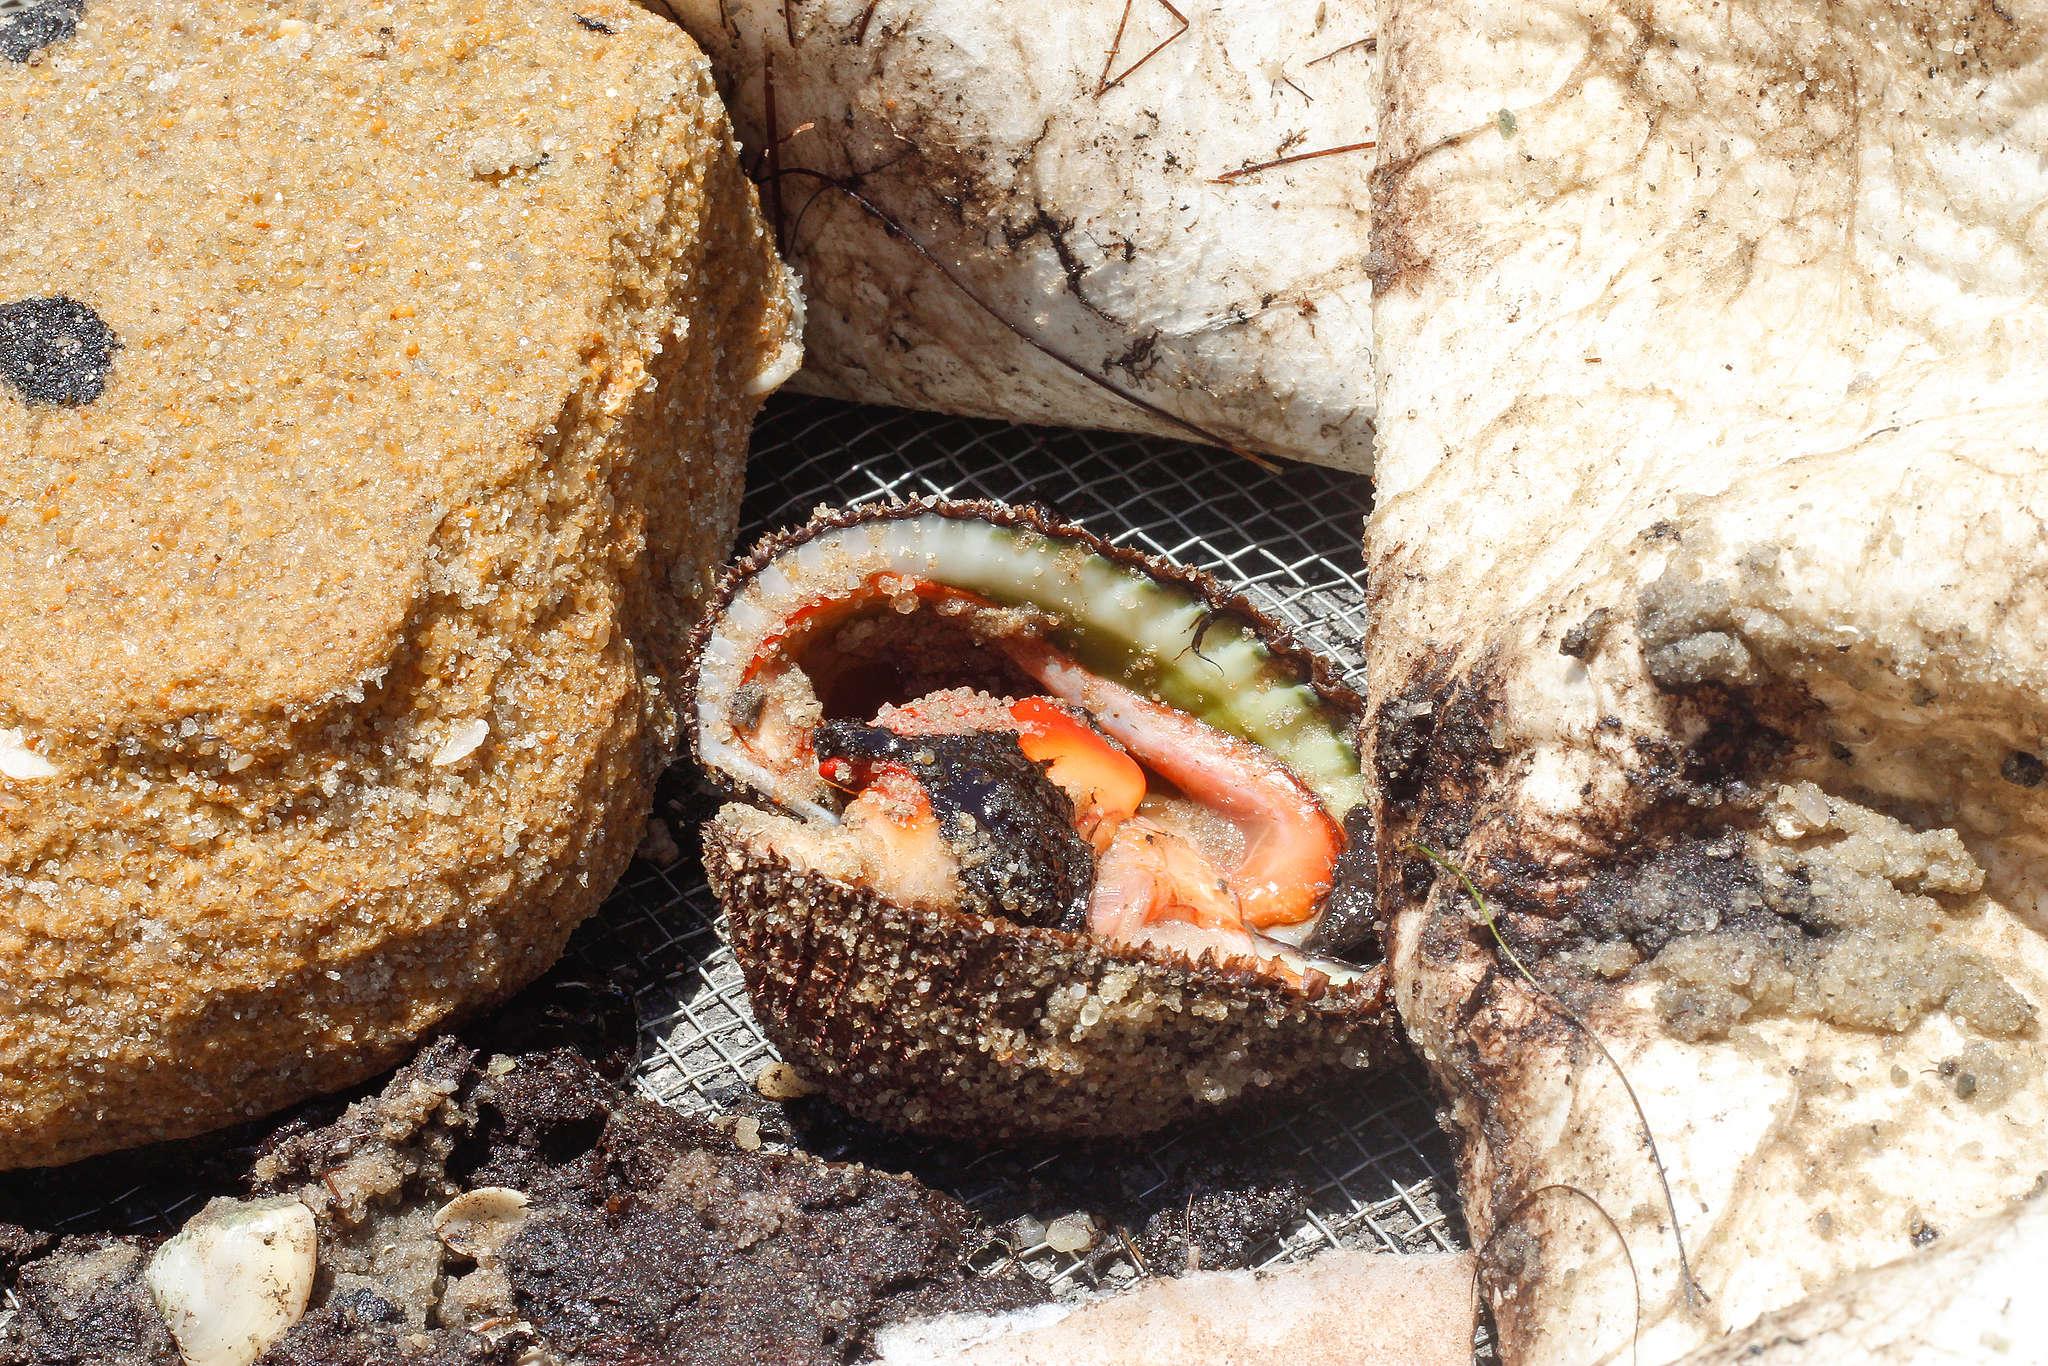 Concha com óleo coletada pelos pescadores em Suape, Pernambuco